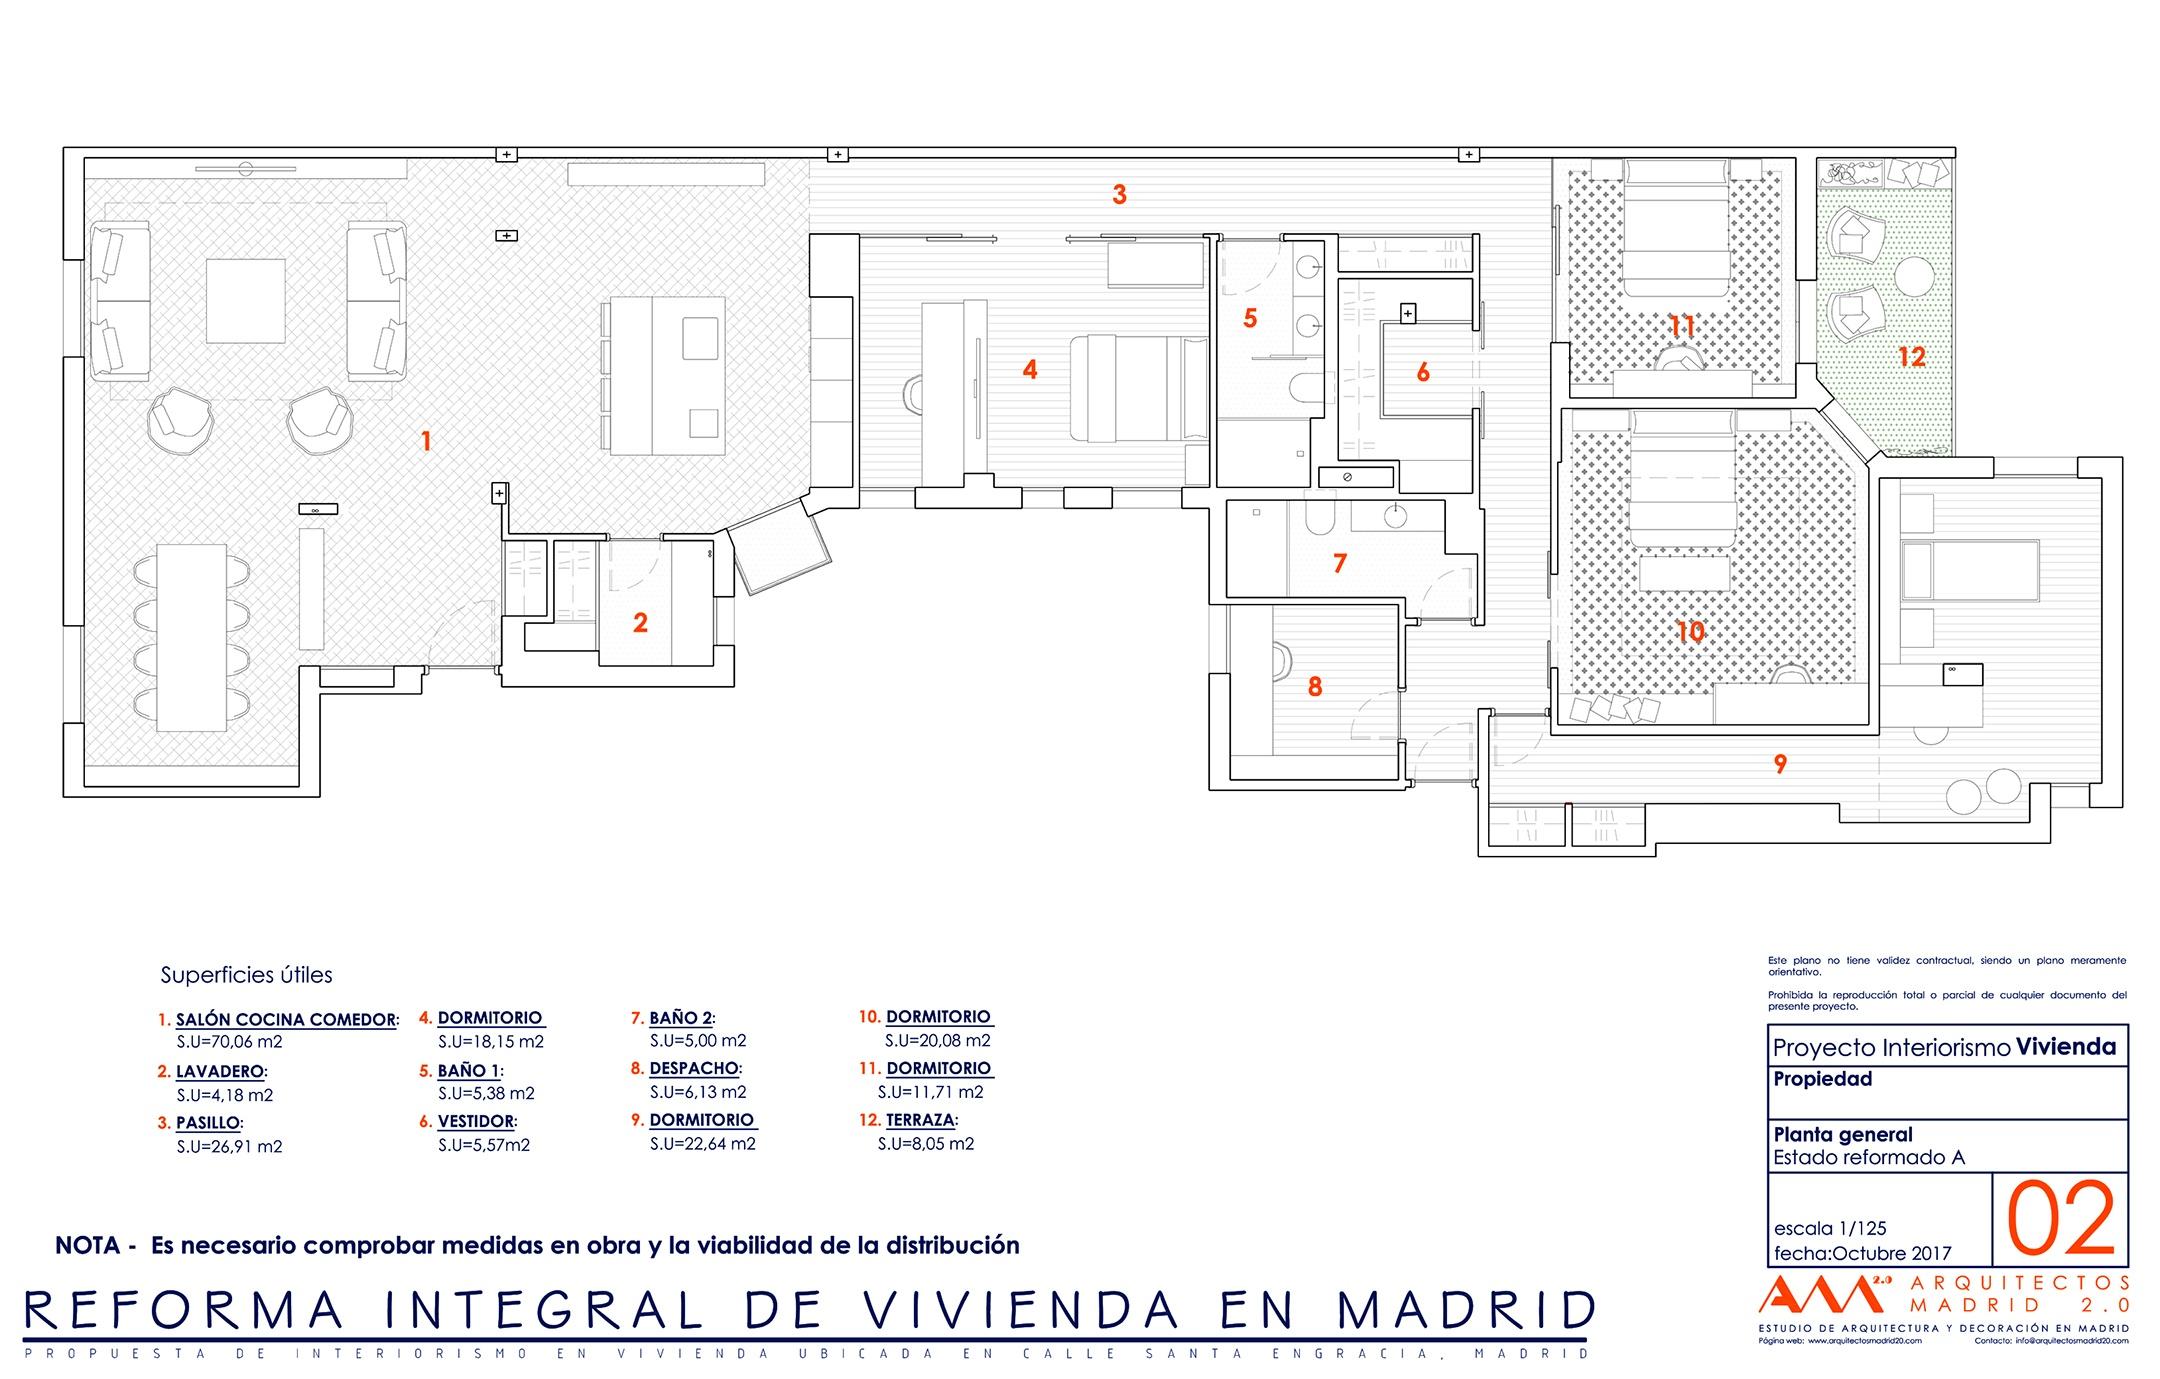 proyecto-reforma-integral-vivienda-en-madrid-arquitectos-madrid-01